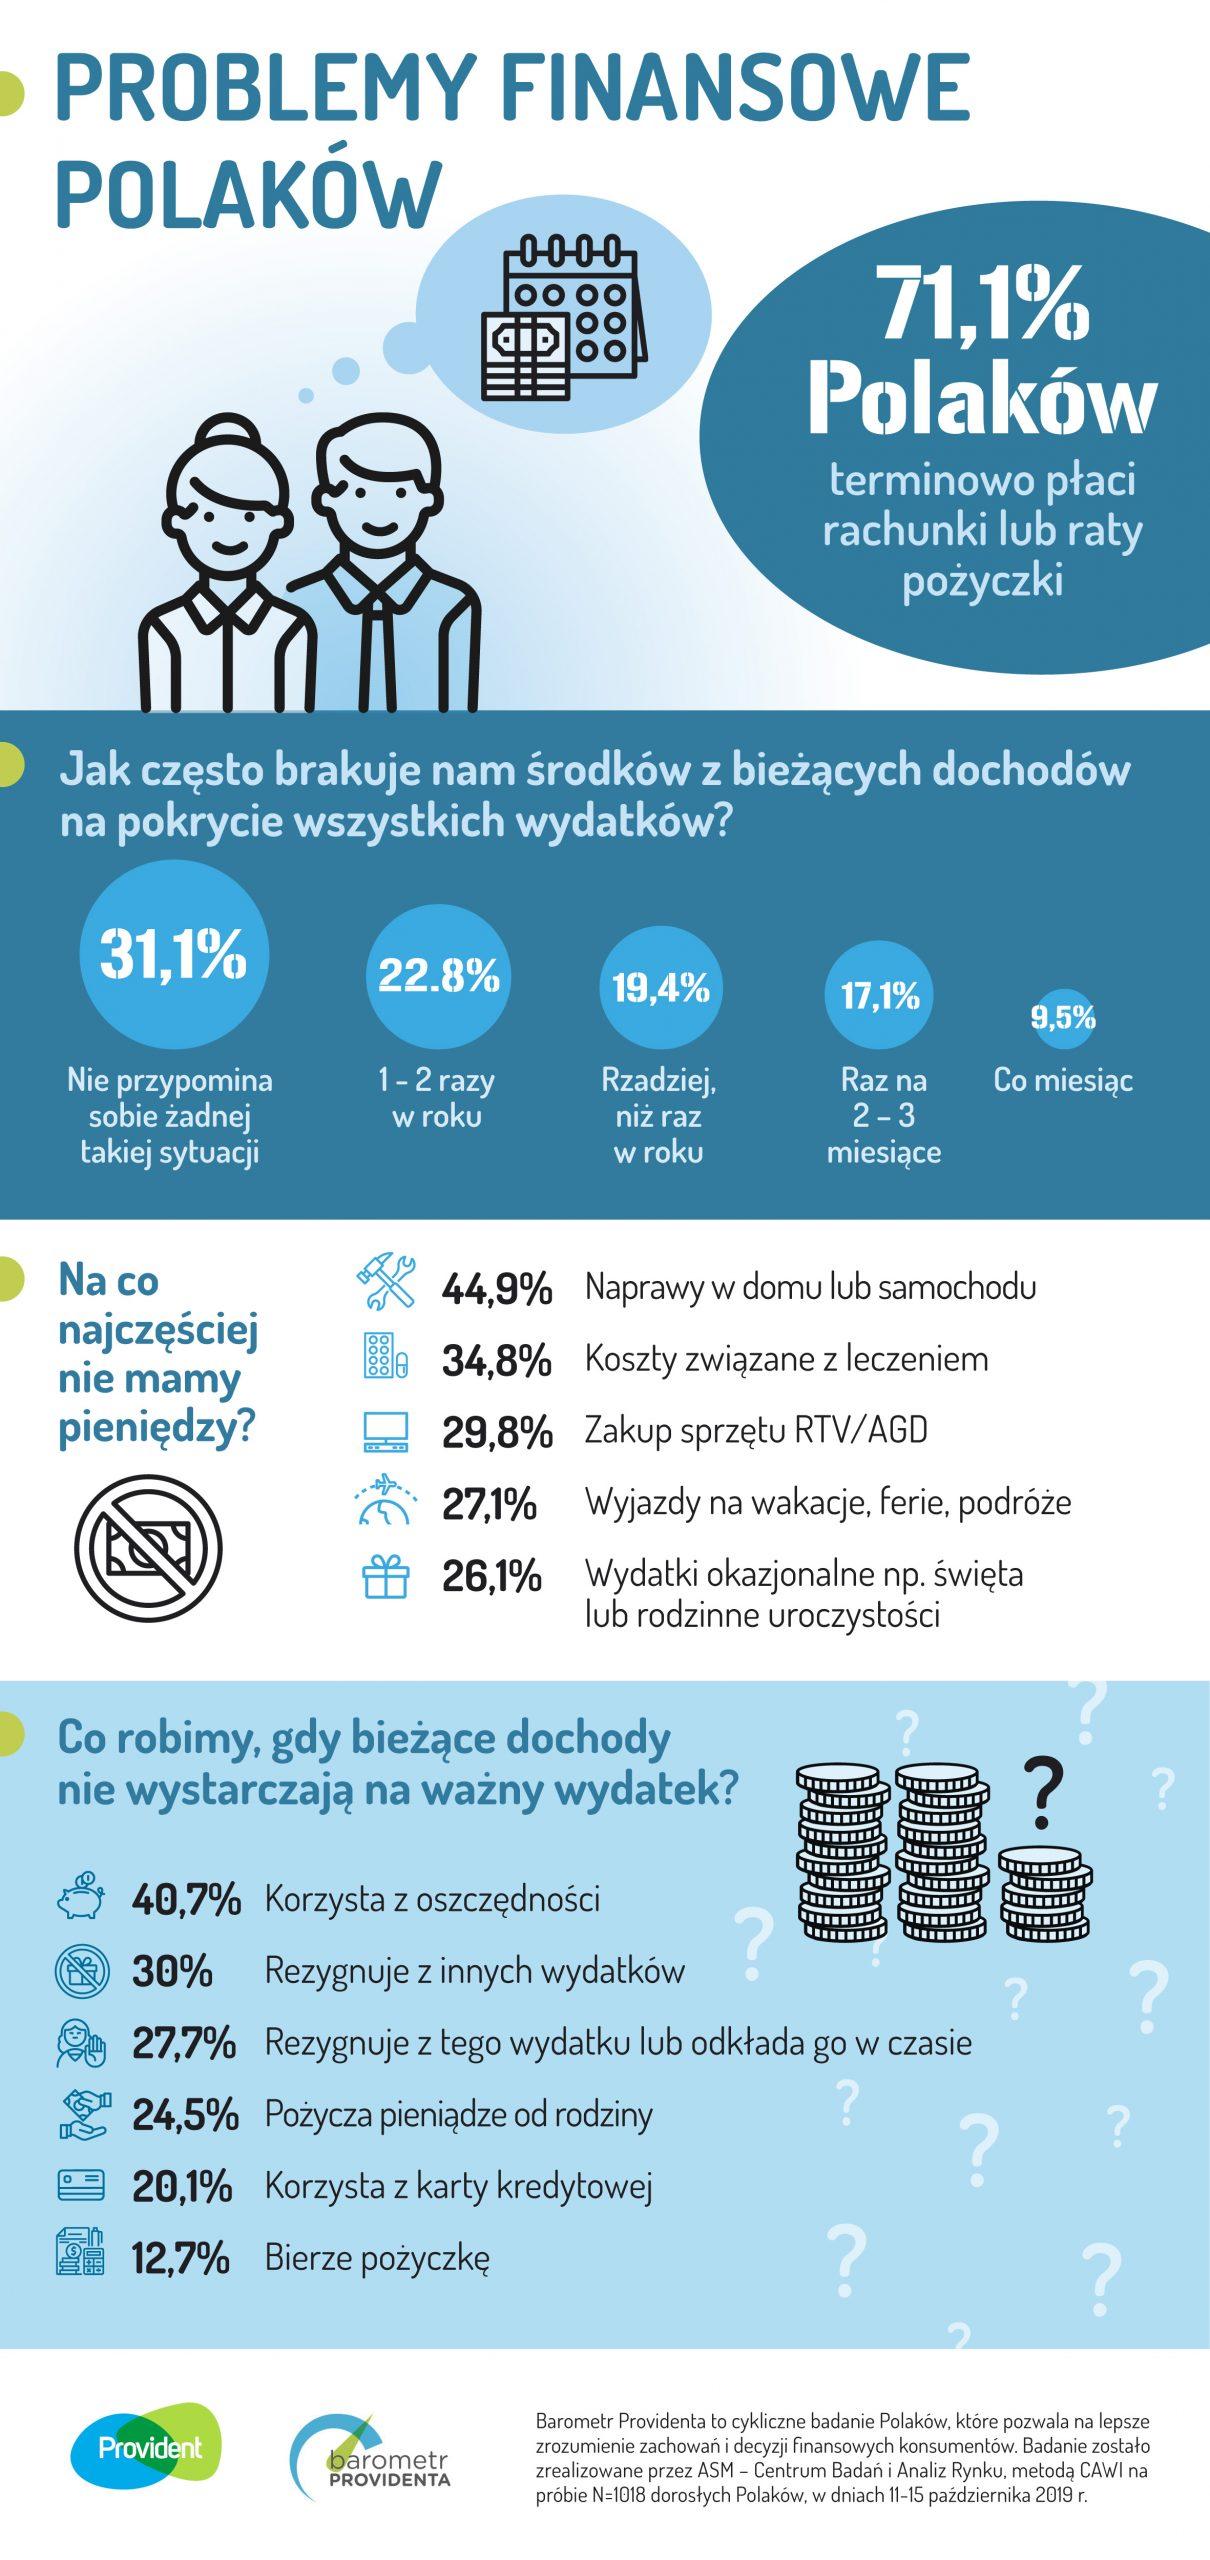 grafika przedstawiająca działania finansowe Polaków